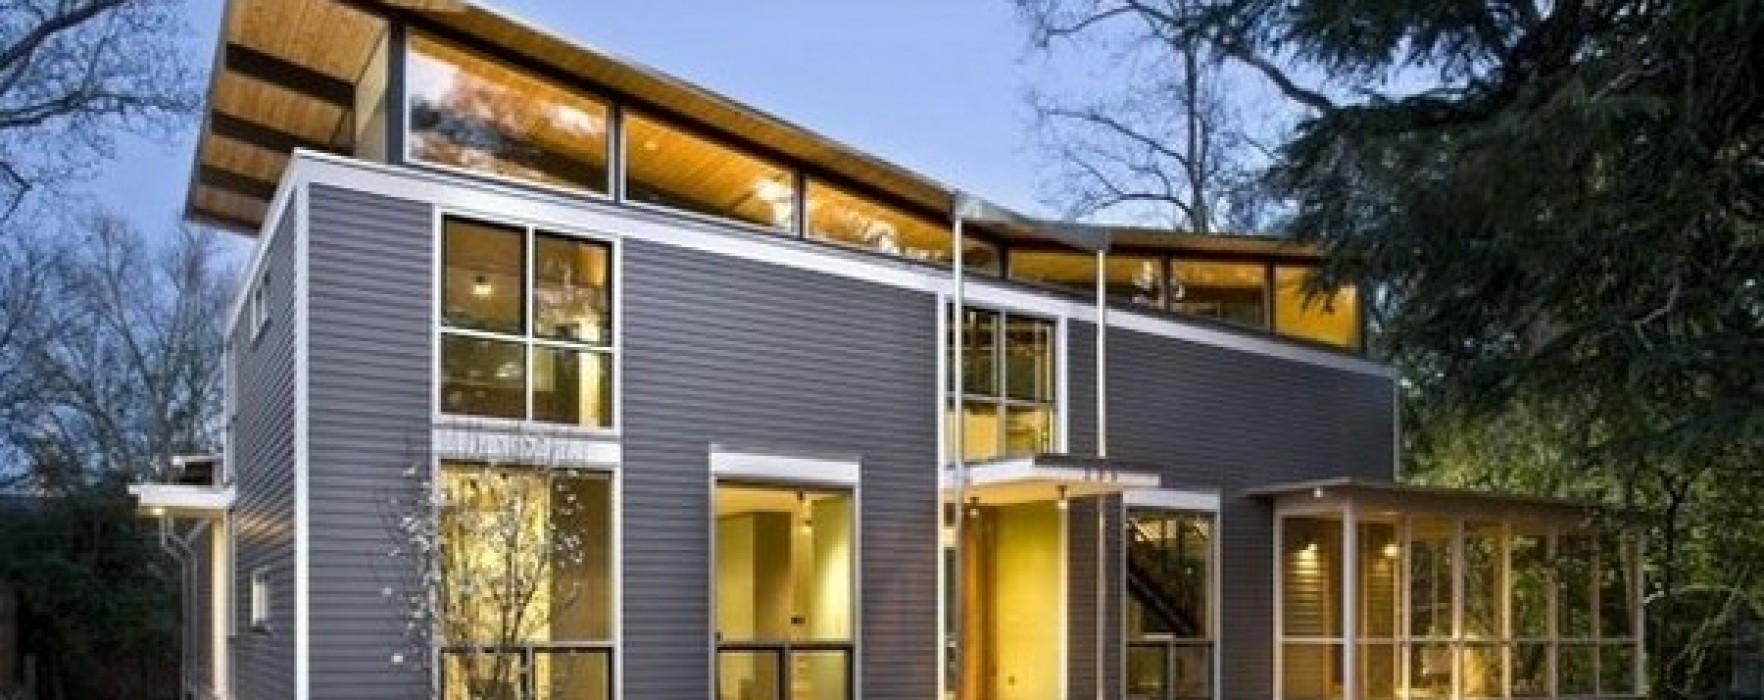 case in legno e acciaio